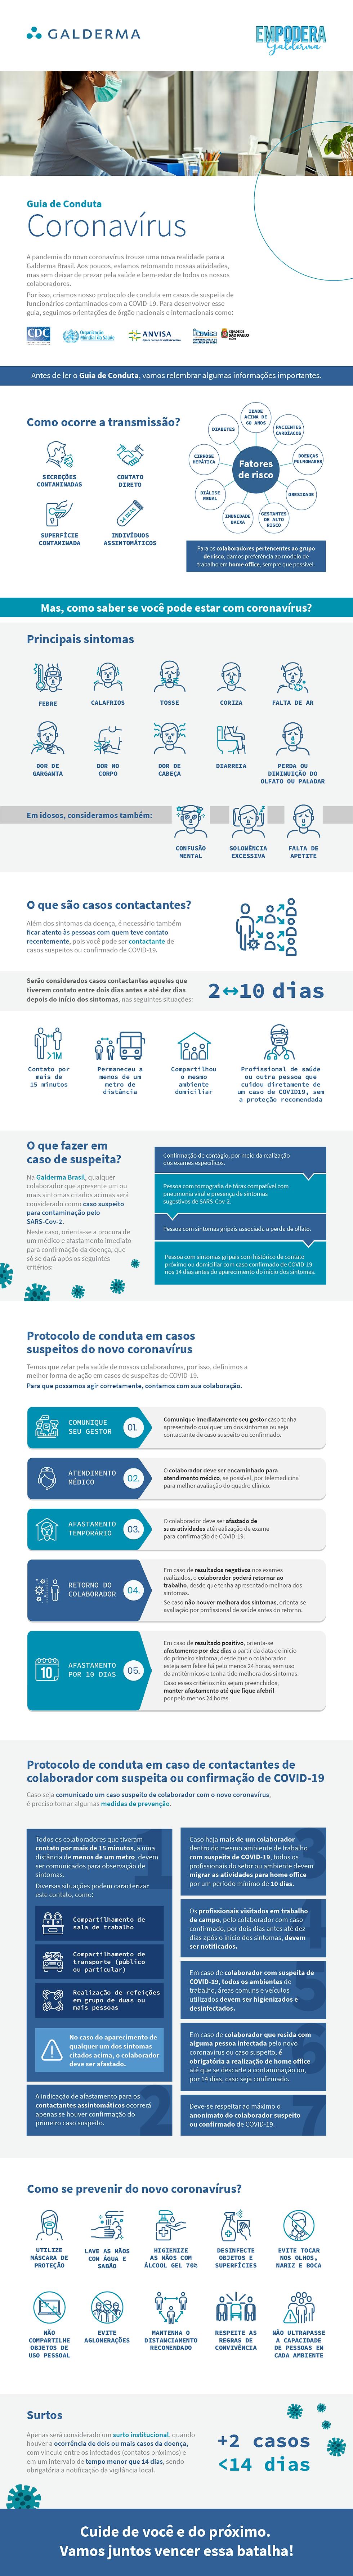 Guia_de_Conduta_Covid_Galderma-02.png